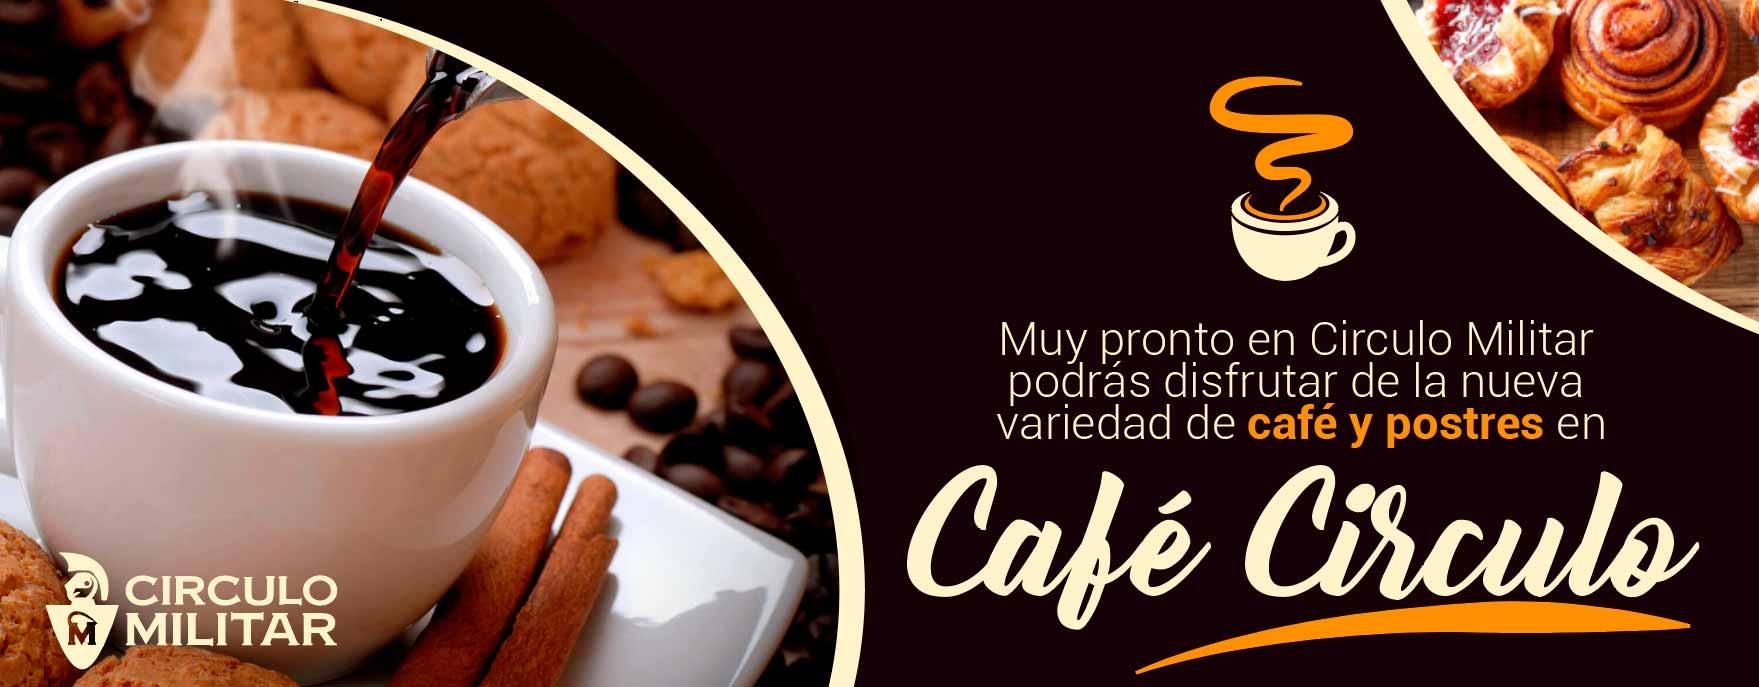 CAFE-CIRCULO-club-social-el-salvador